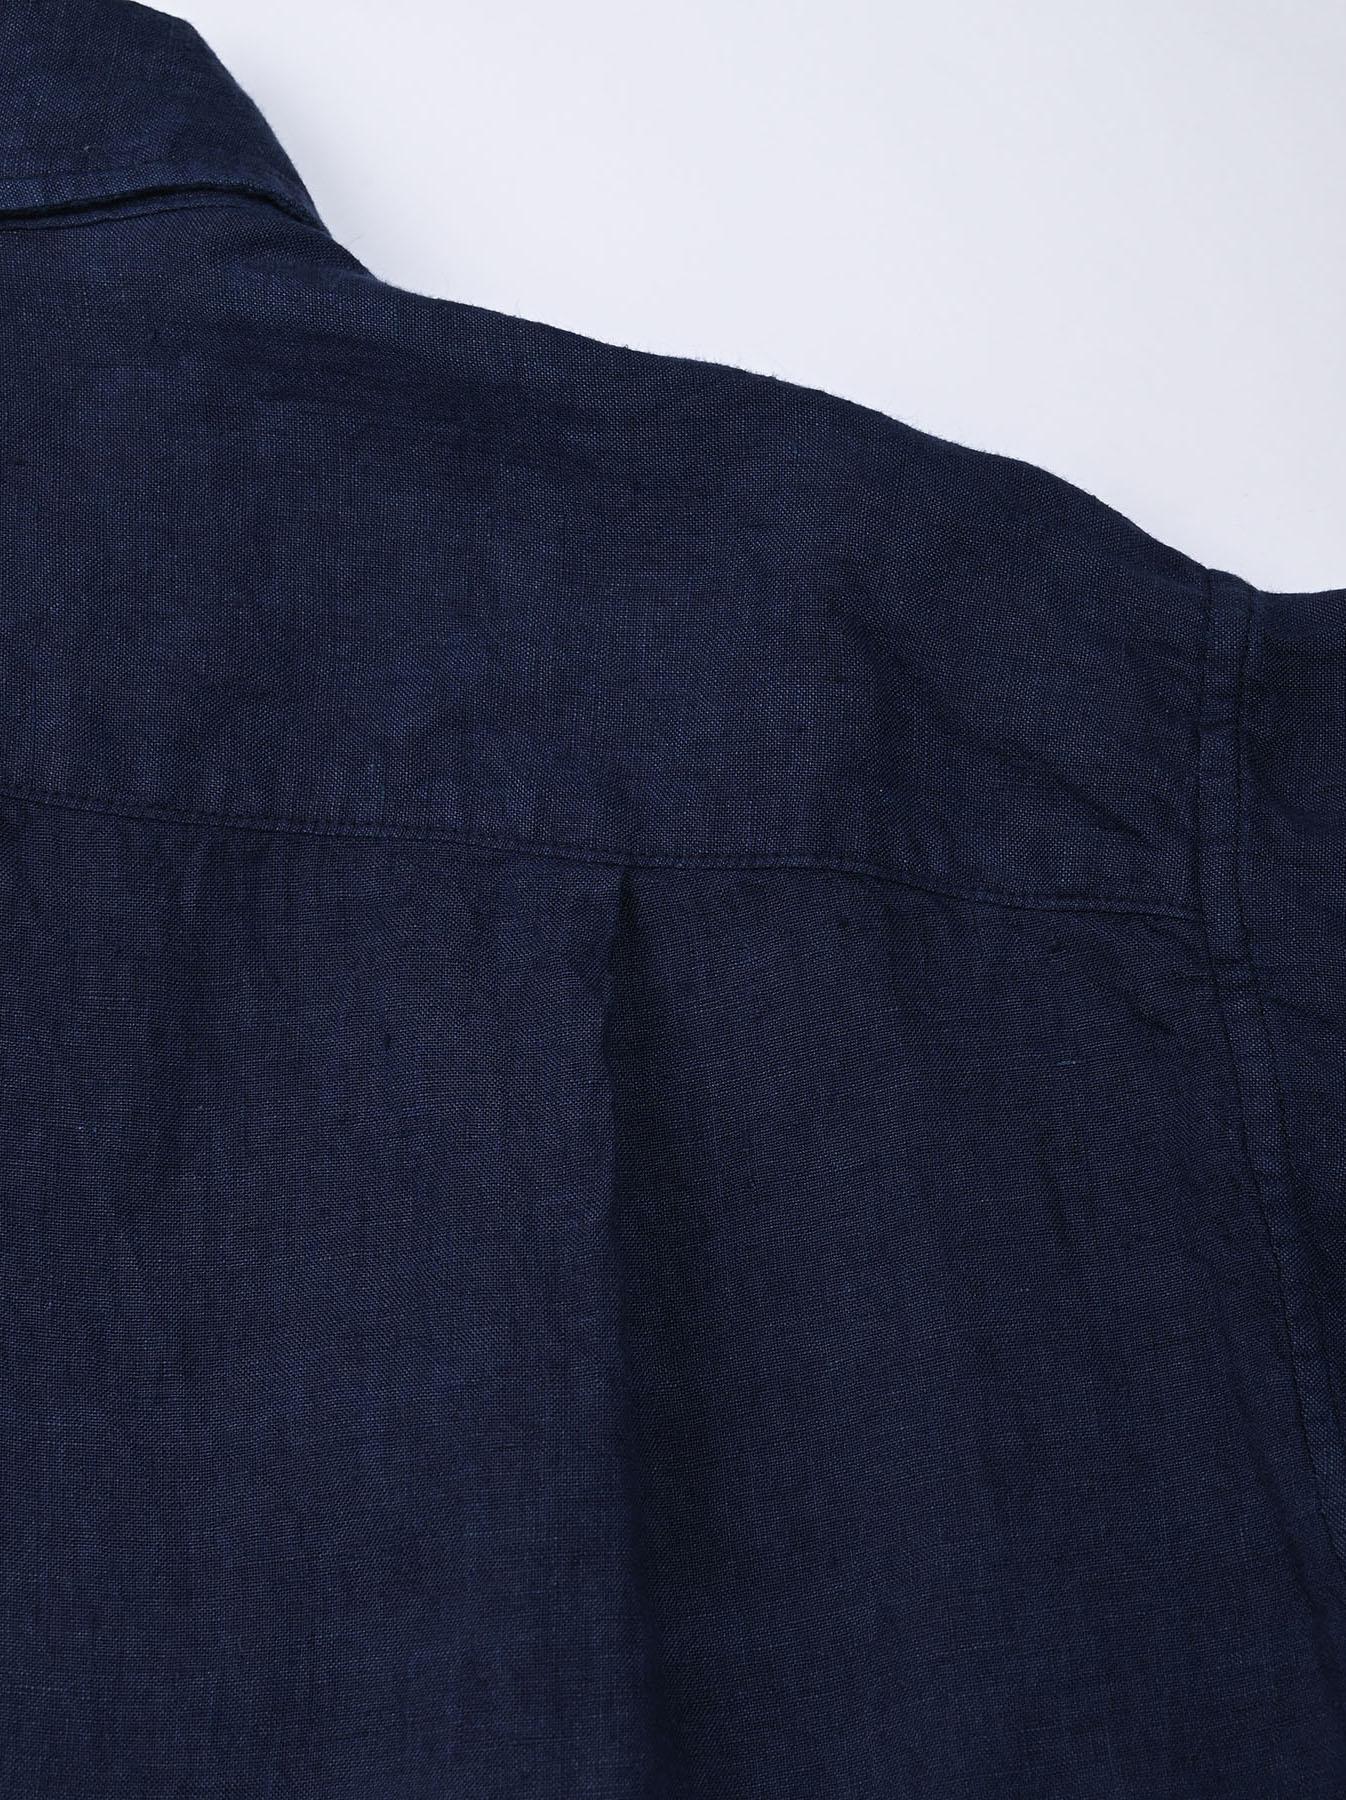 Indigo Indian Linen Flat 908 Ocean Shirt (0521)-12